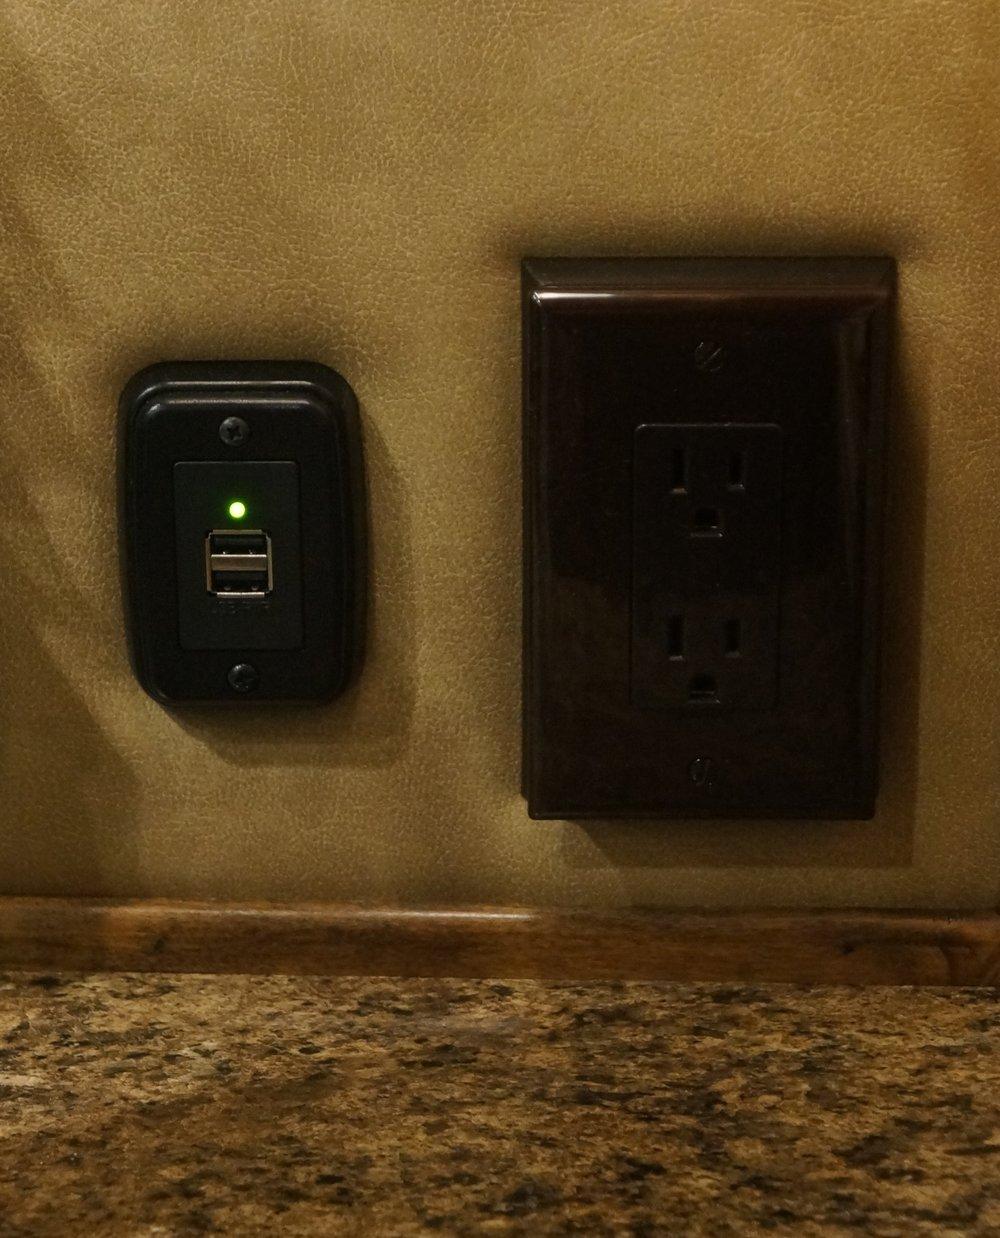 12V & 120V Outlet on Wall in Slide Out